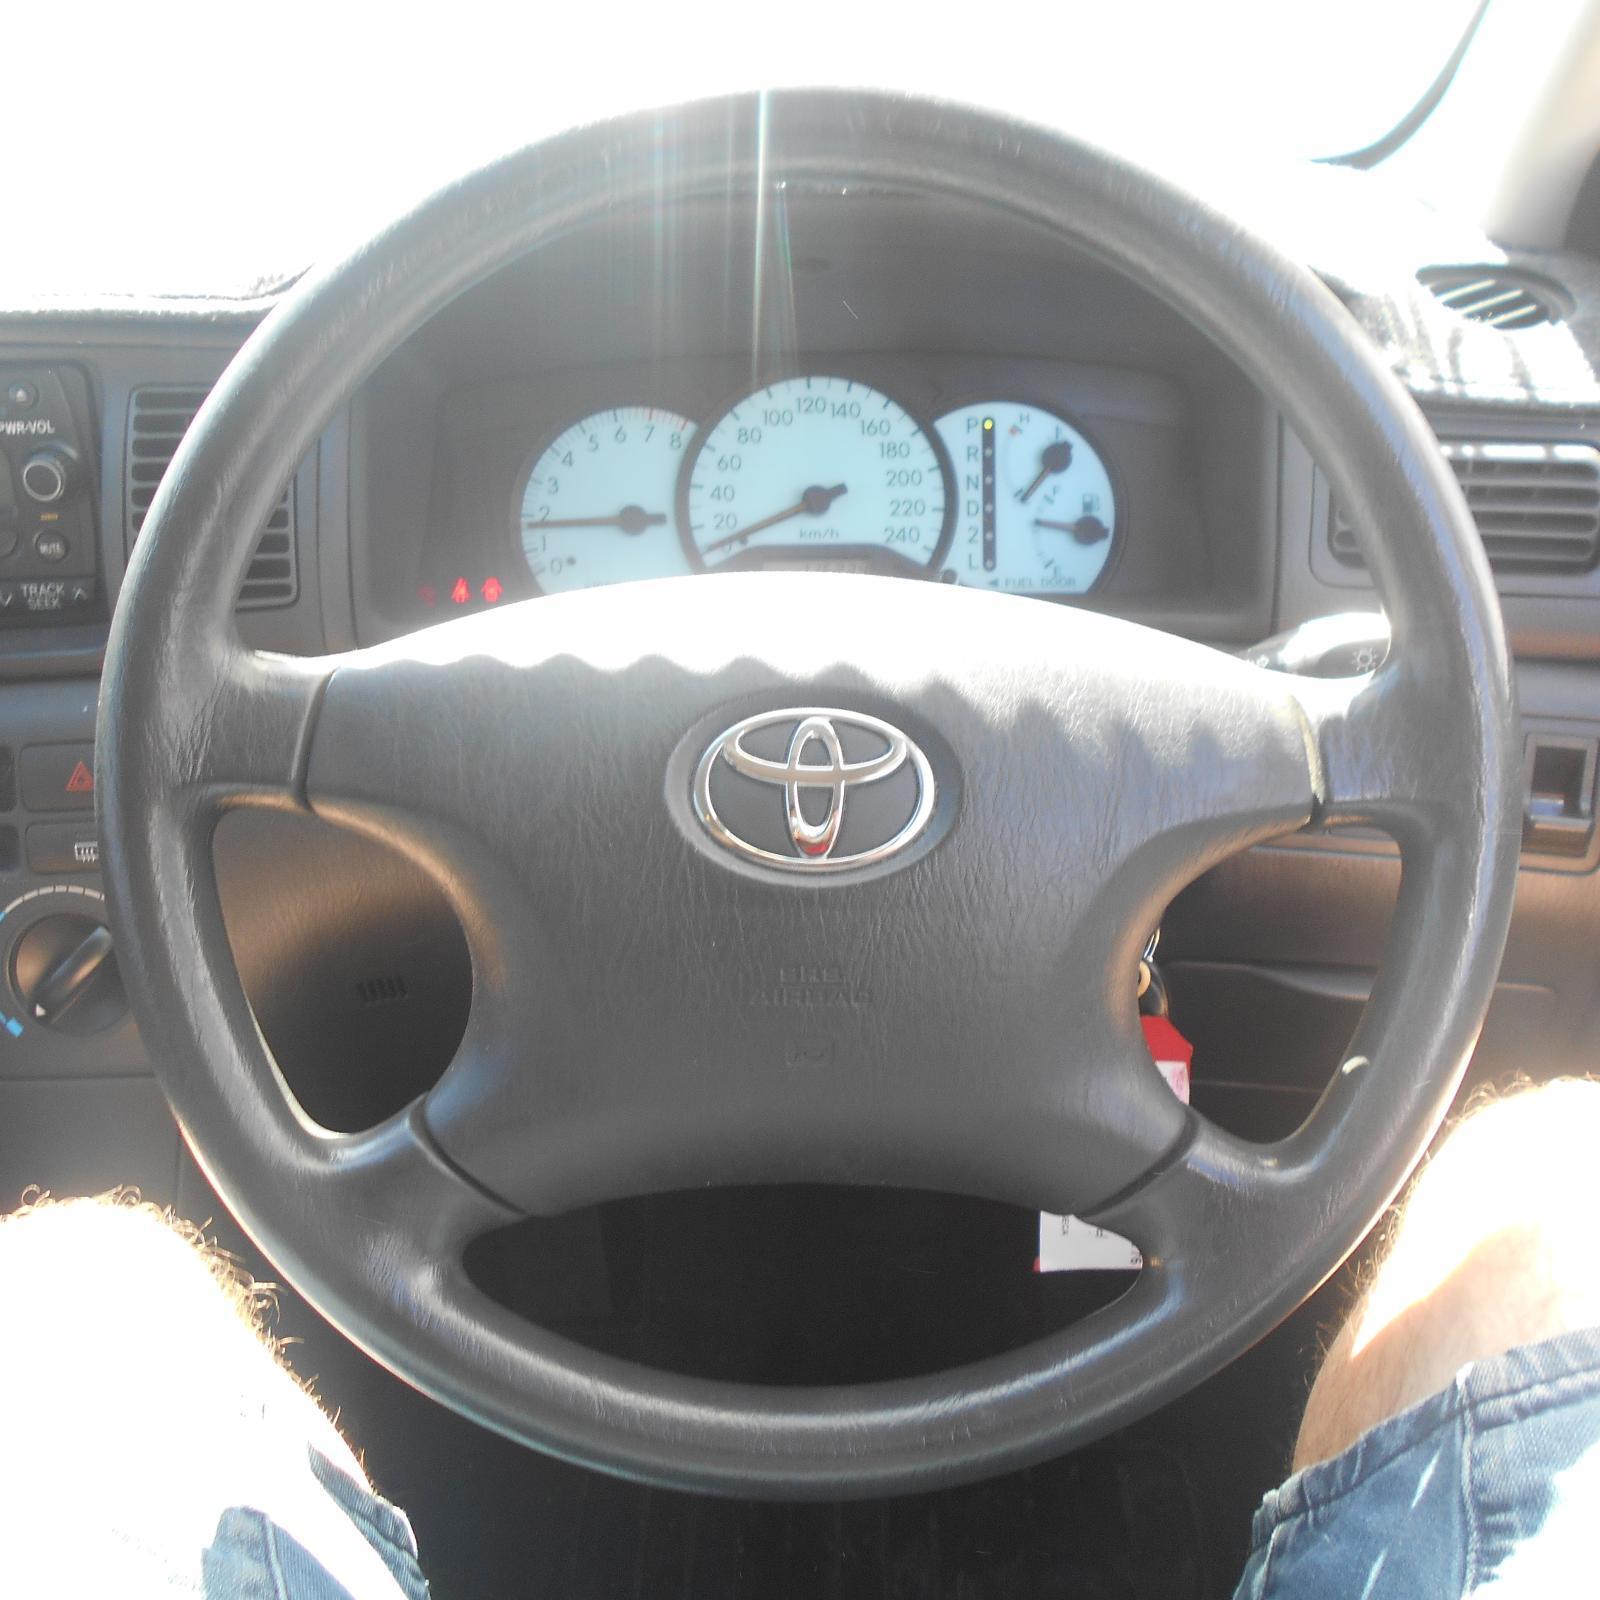 TOYOTA COROLLA, Steering Wheel, ZZE122, 4 SPOKE TYPE, 12/01-06/07